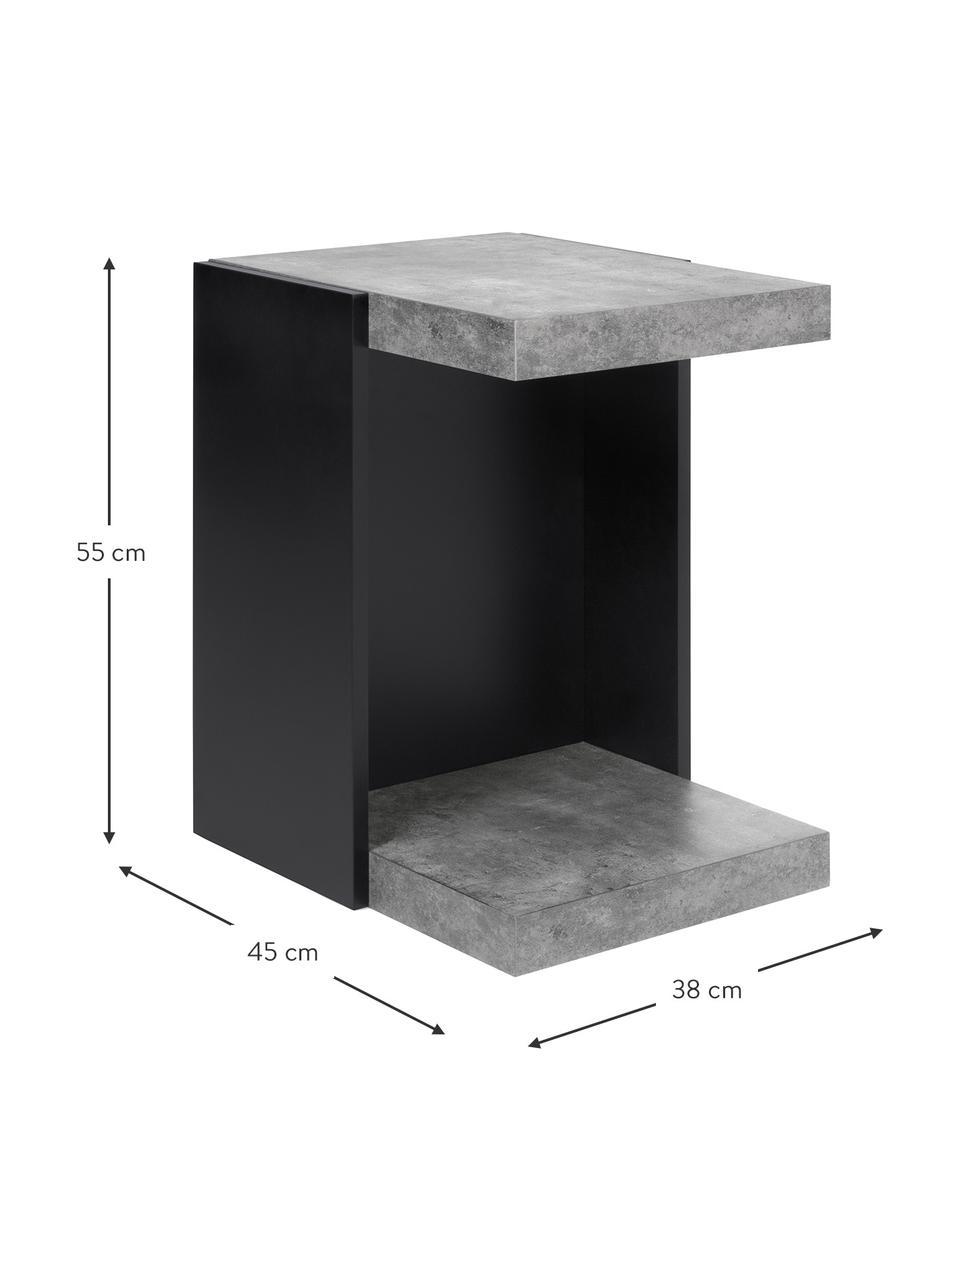 Stolik pomocniczy Klaus, Korpus: płyta wiórowa w lekkiej s, Imitacja betonu, S 38 x W 55 cm